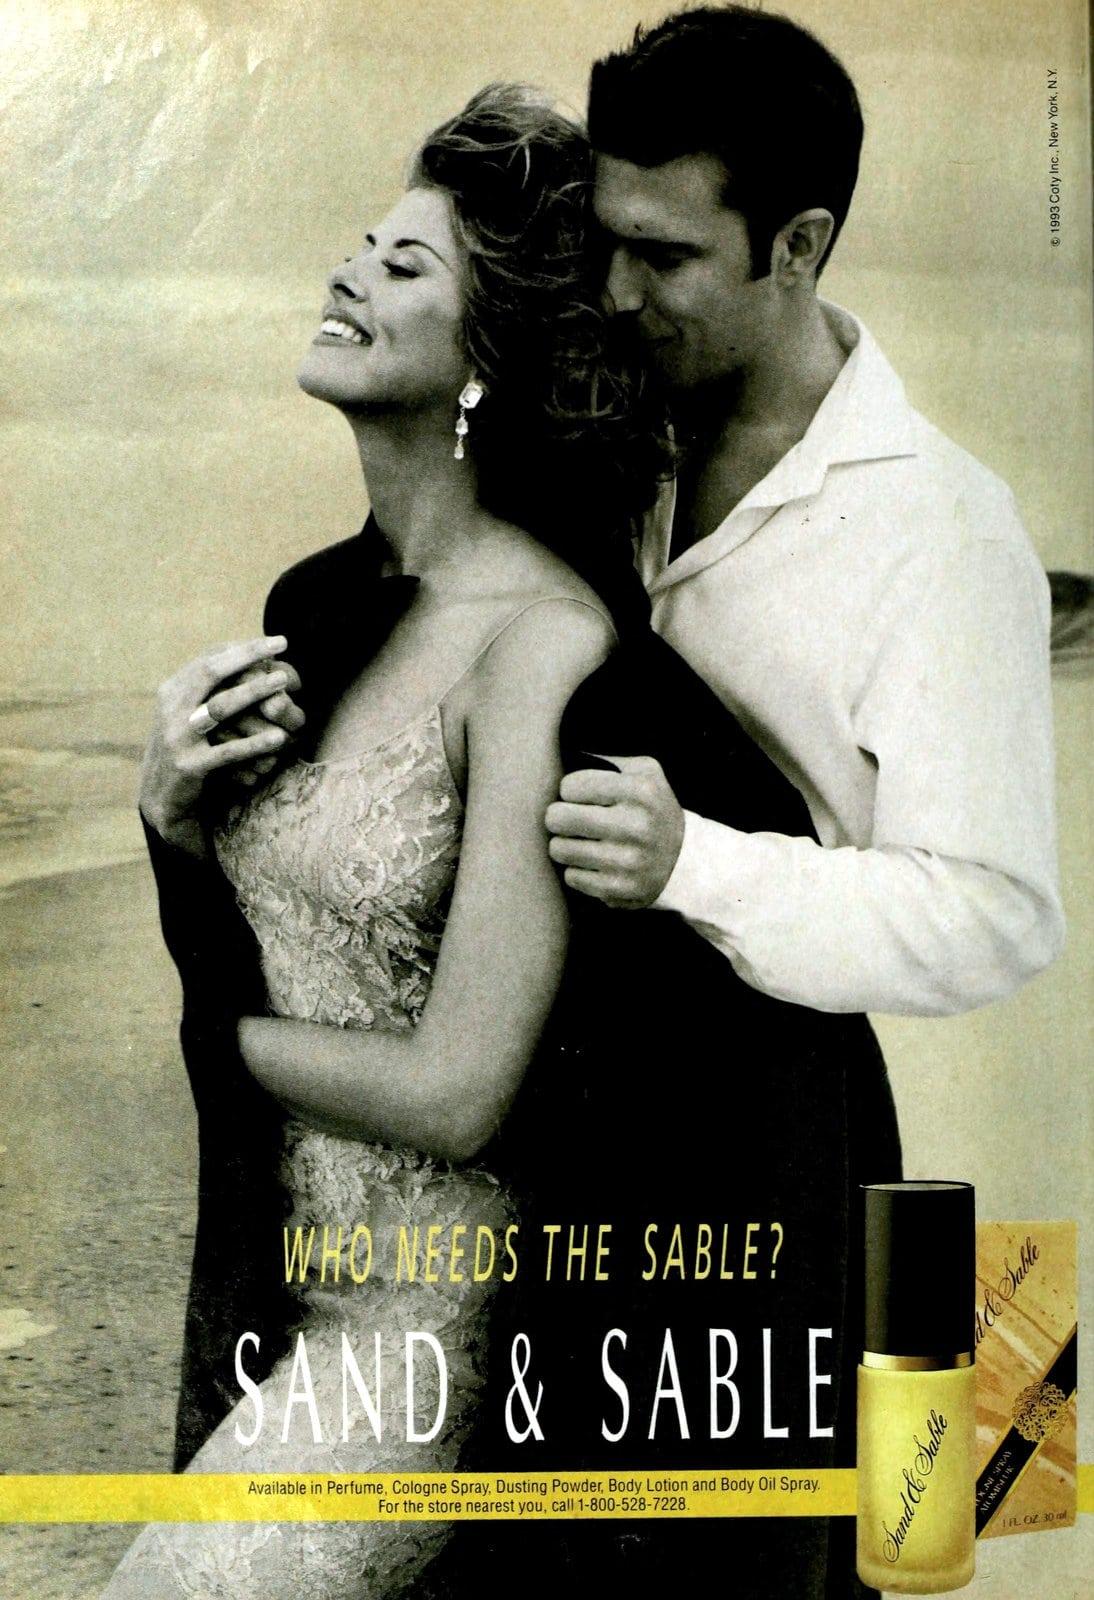 Sand and Sable perfume (1993) at ClickAmericana.com